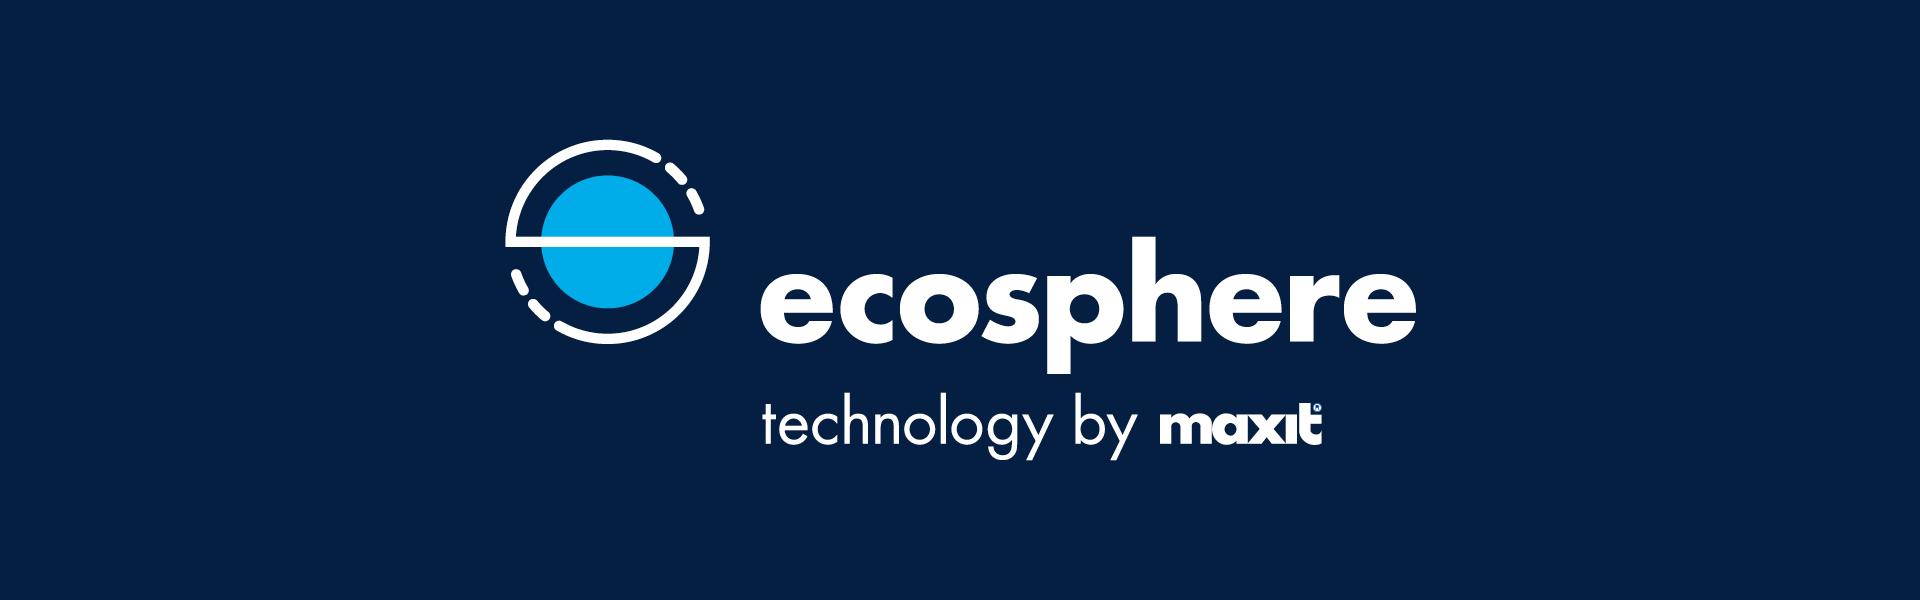 maxit ecosphere / Logo Negativ